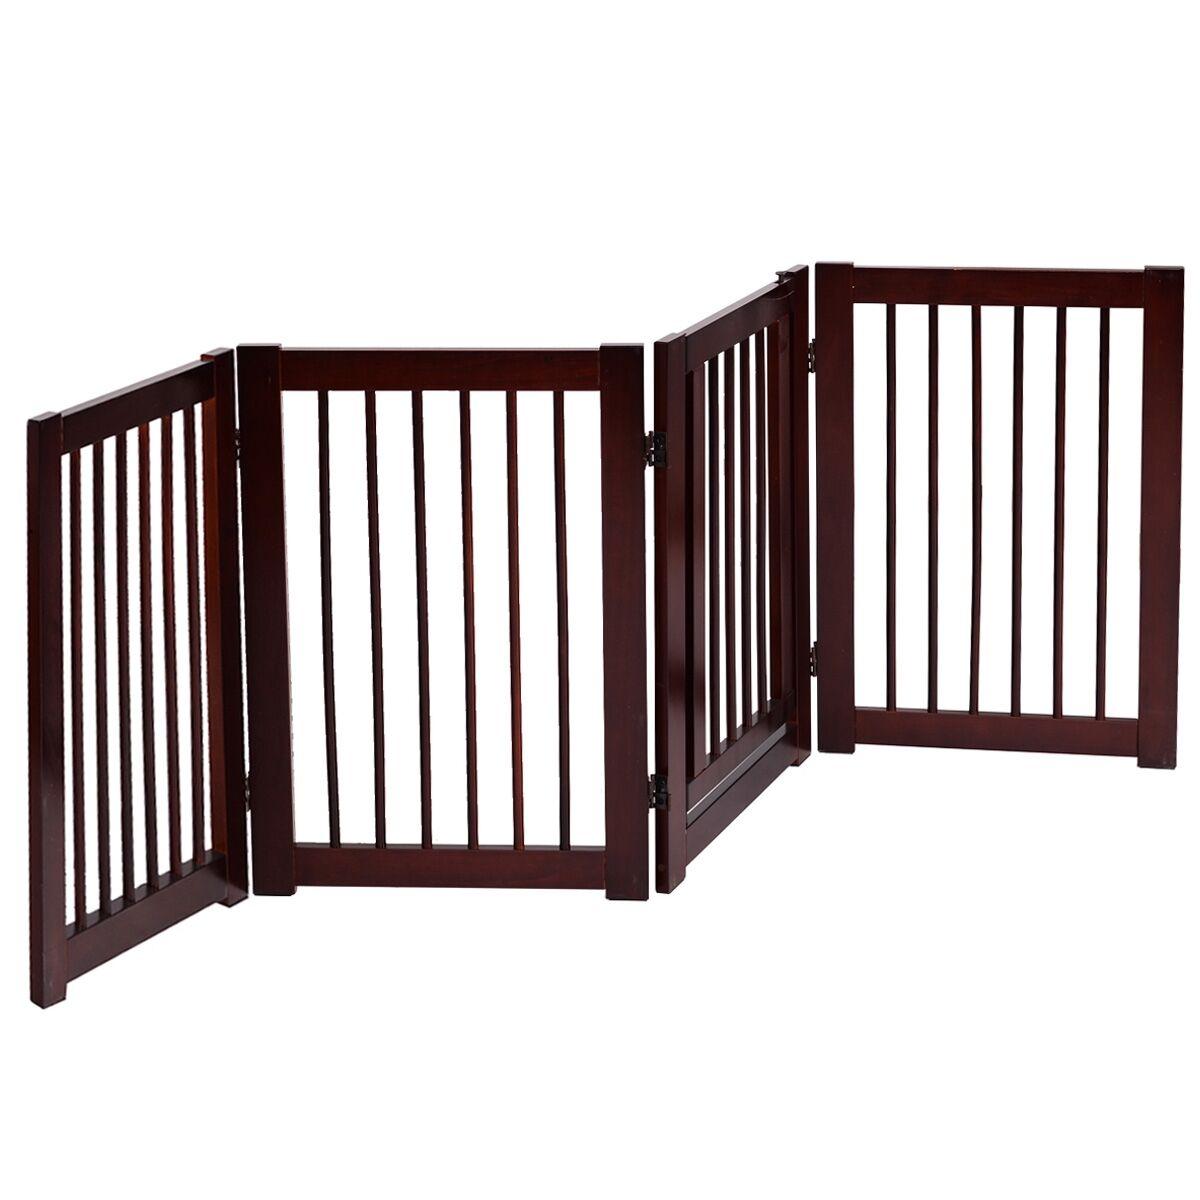 COSTWAY Barrière de Porte pour Chien Pilable Barrière de Sécurité pour Animaux en Bois de Pin 203x76cm